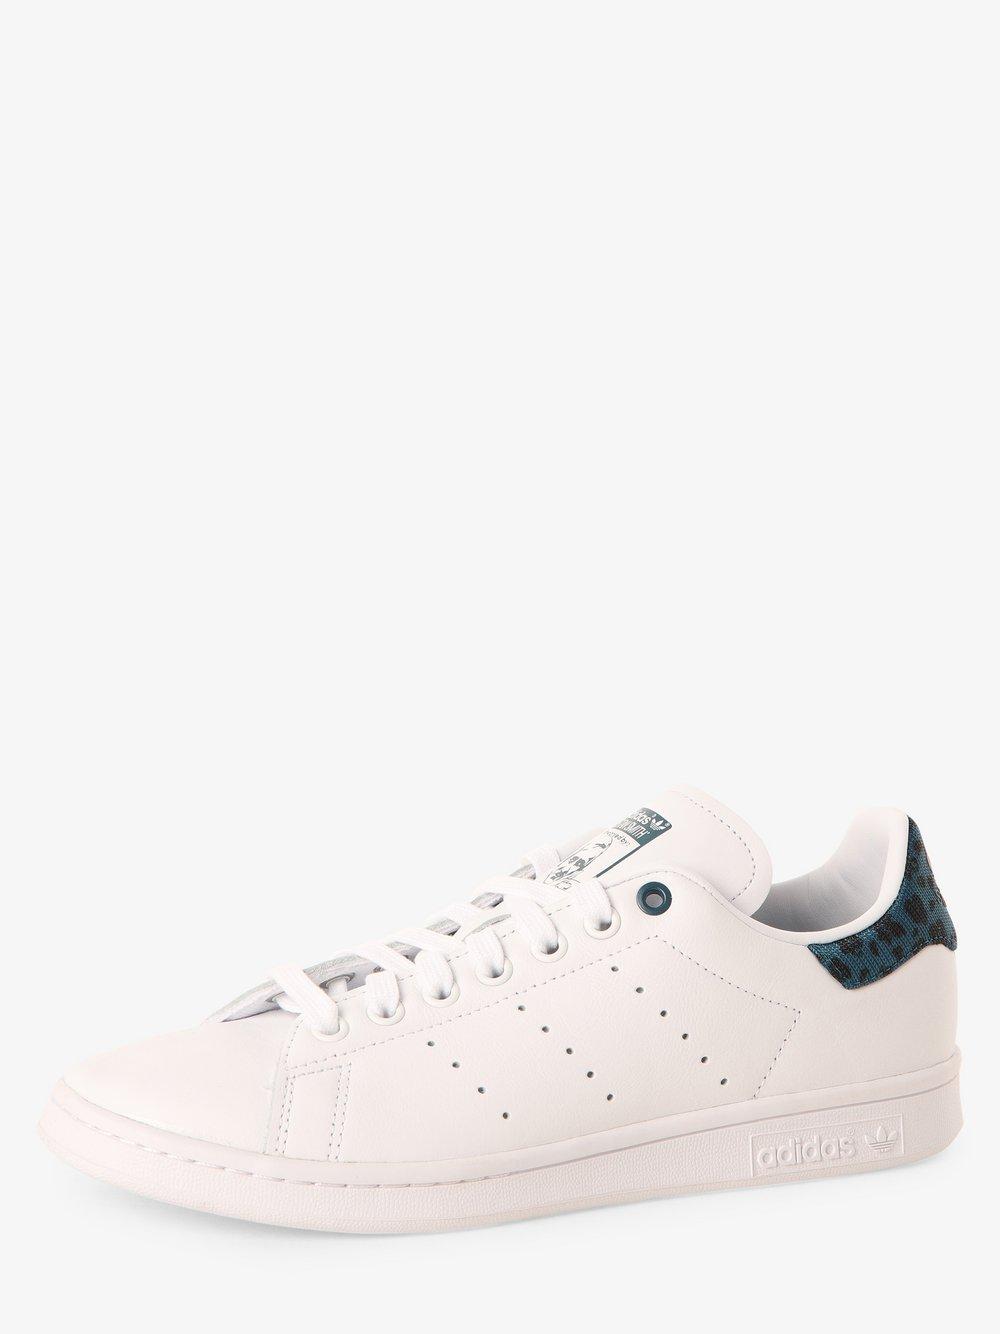 adidas Originals - Damskie tenisówki ze skóry – Stan Smith, biały